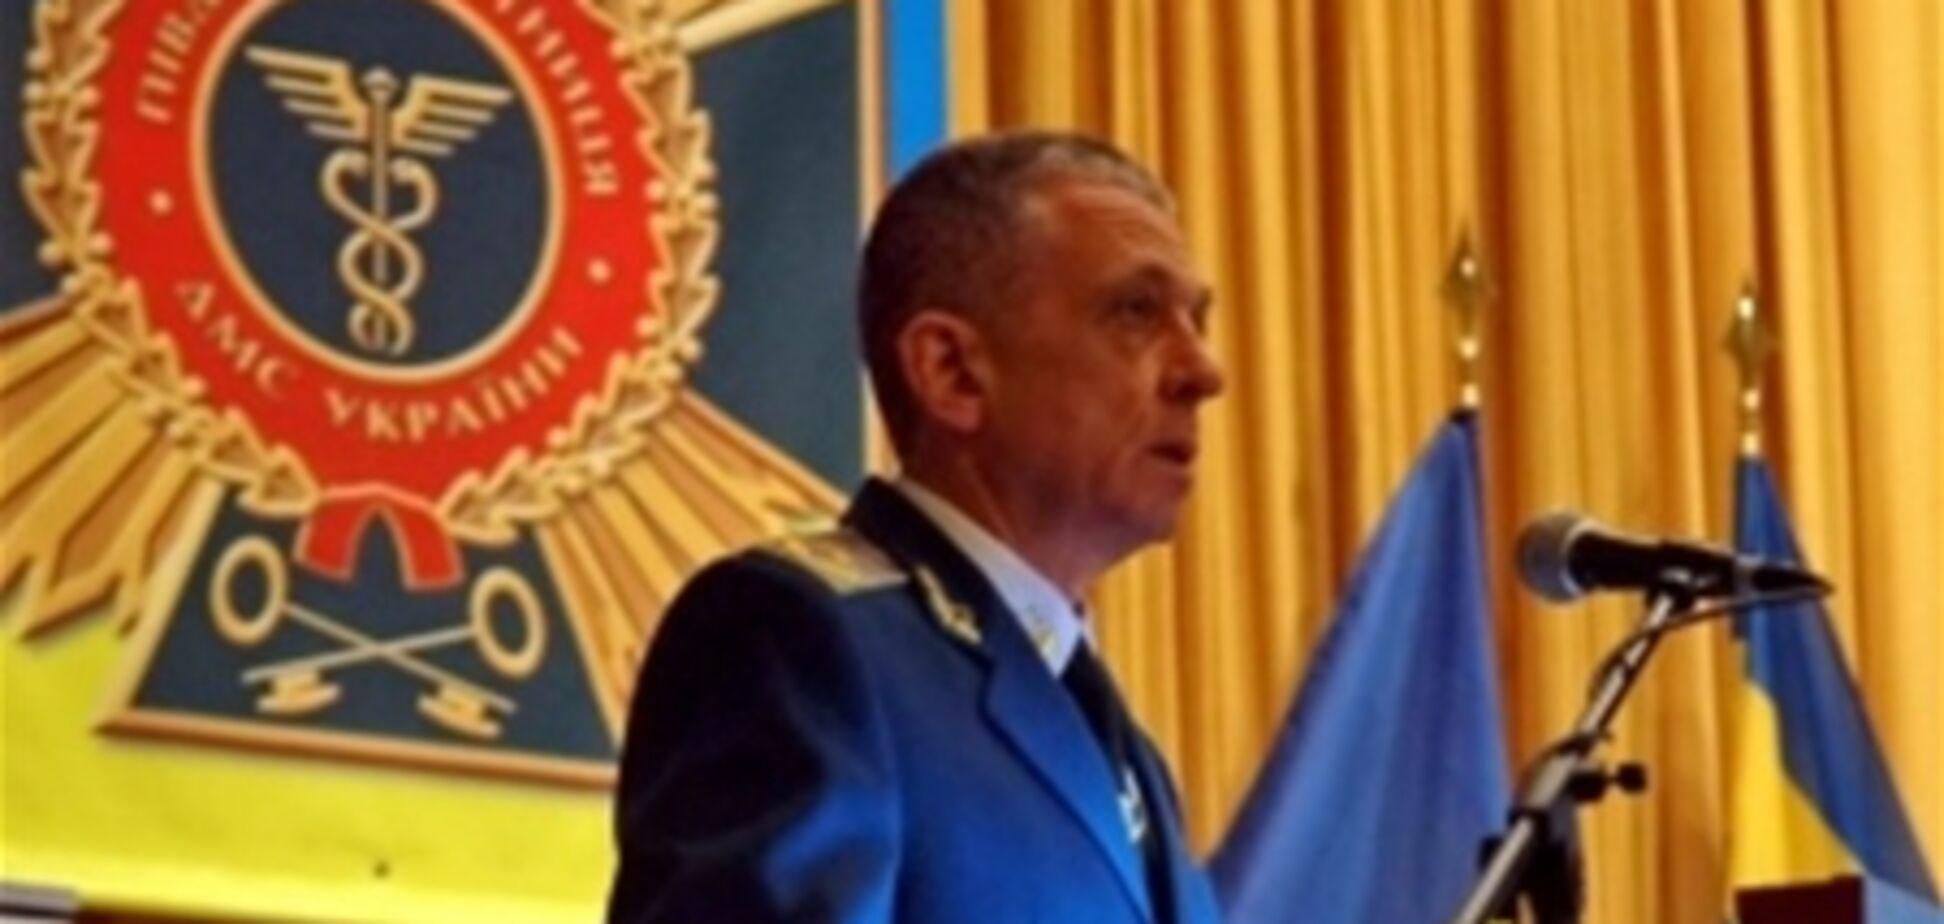 ГТСУ уволила подозреваемого в коррупции начальника Южной таможни